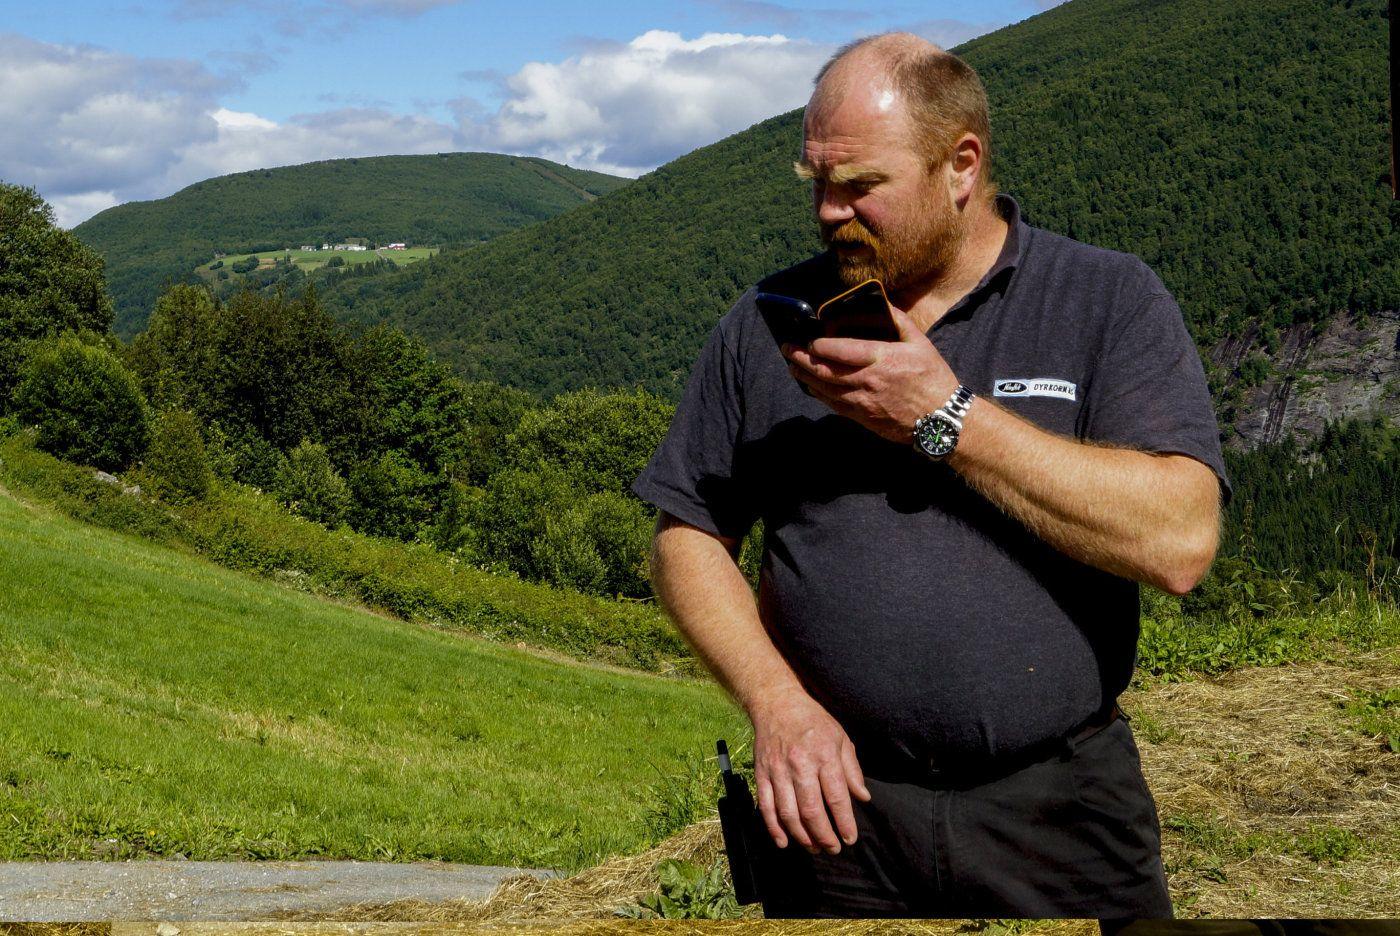 Bjørn Helge Rønneberg på Rønneberg i Eidsdal, er egentlig melkebonde, og har noen sauer. På fritiden er han frivillig brannmann og innsatsleder. Han er for øvrig veldig opptatt av jerv, som han stadig speider etter fra gården.   Foto: Håvard Yttredal